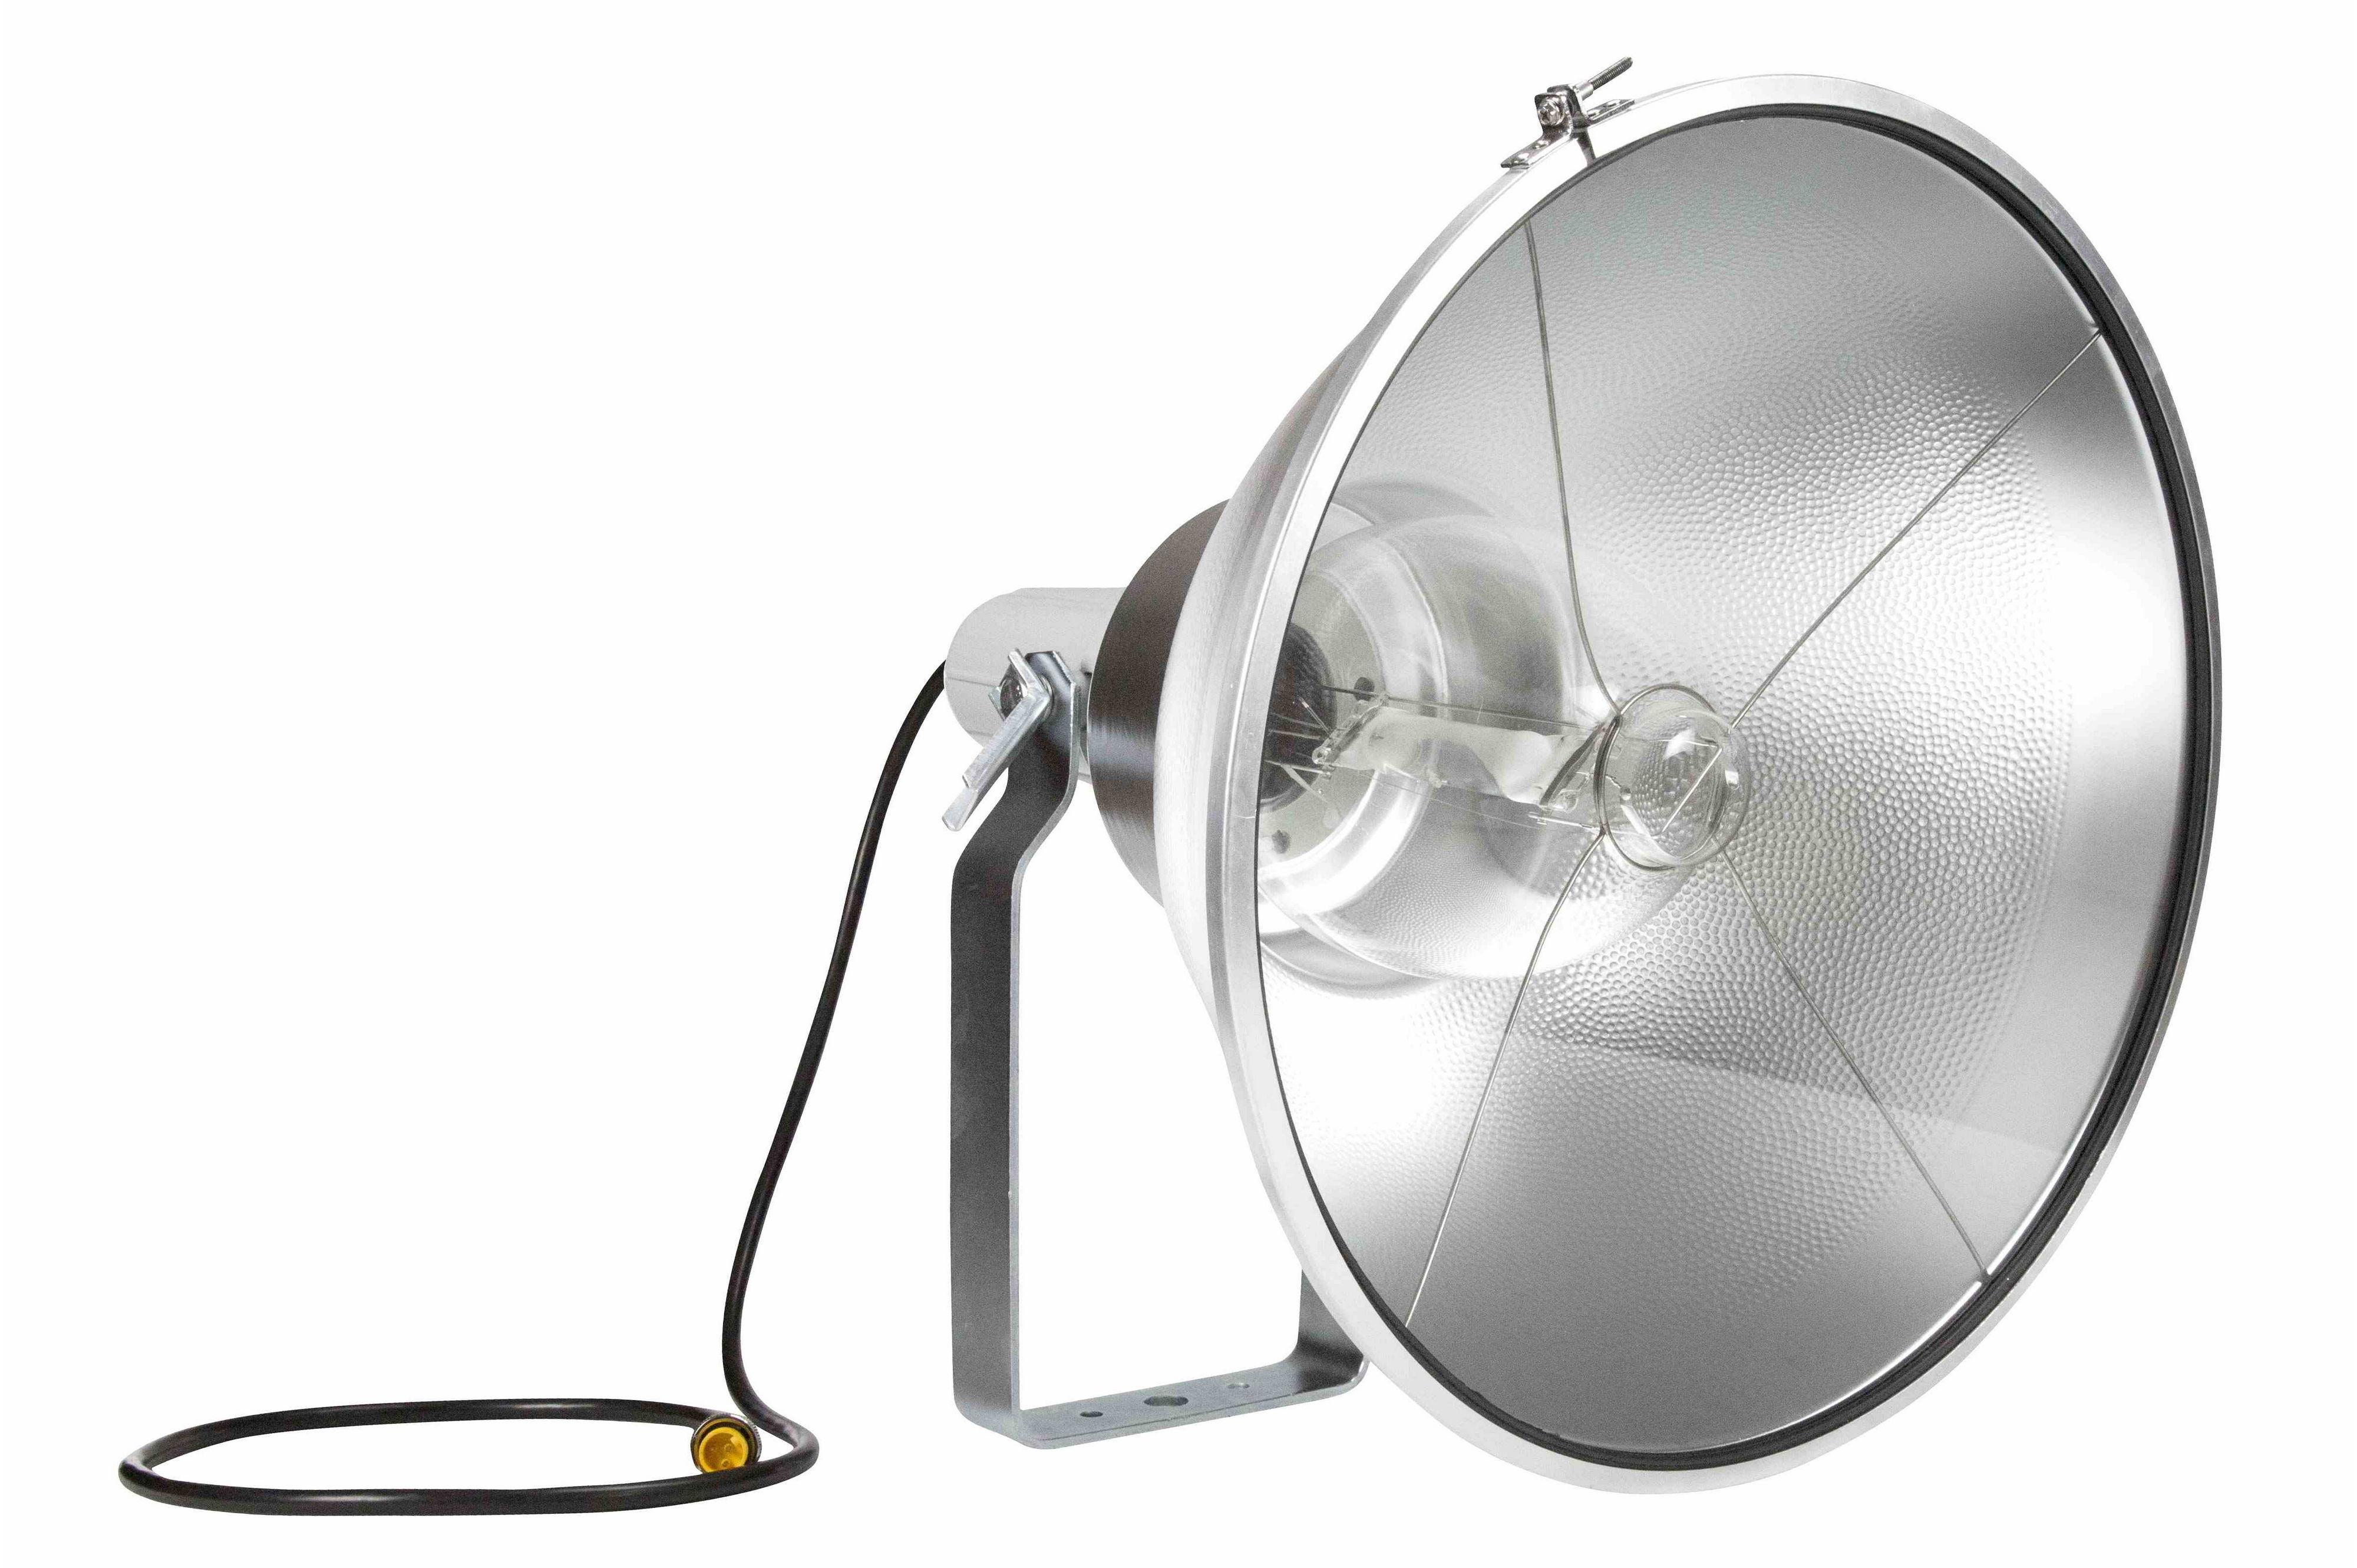 1000 Watt Metal Halide Led Replacement replacement 1000 watt metal halide light head - no ballast